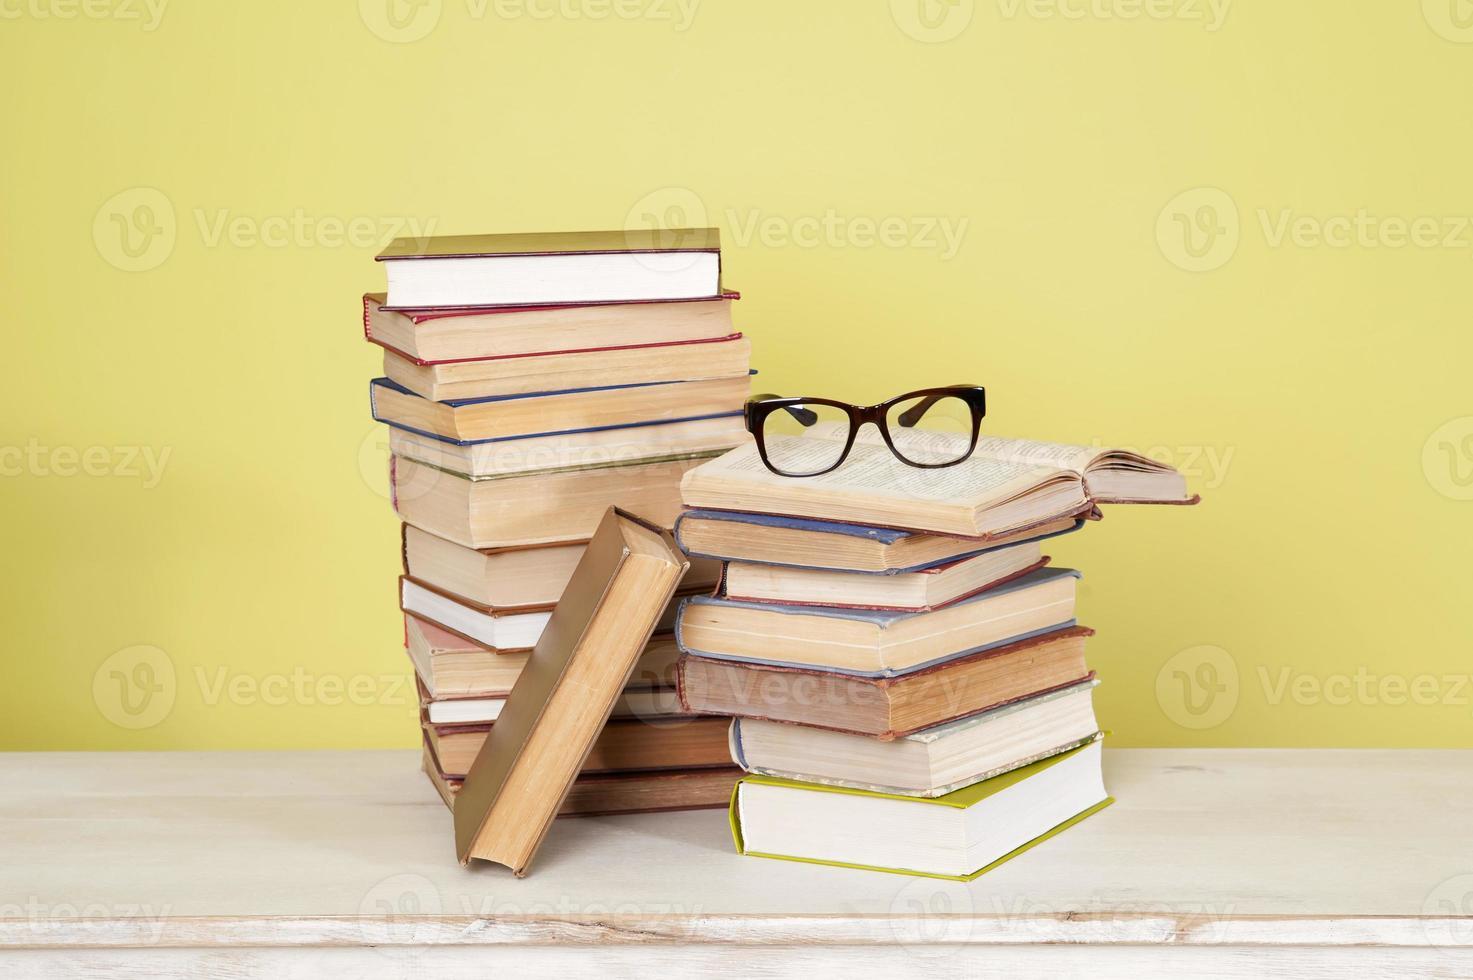 stapel boeken en glazen op een houten tafel. foto